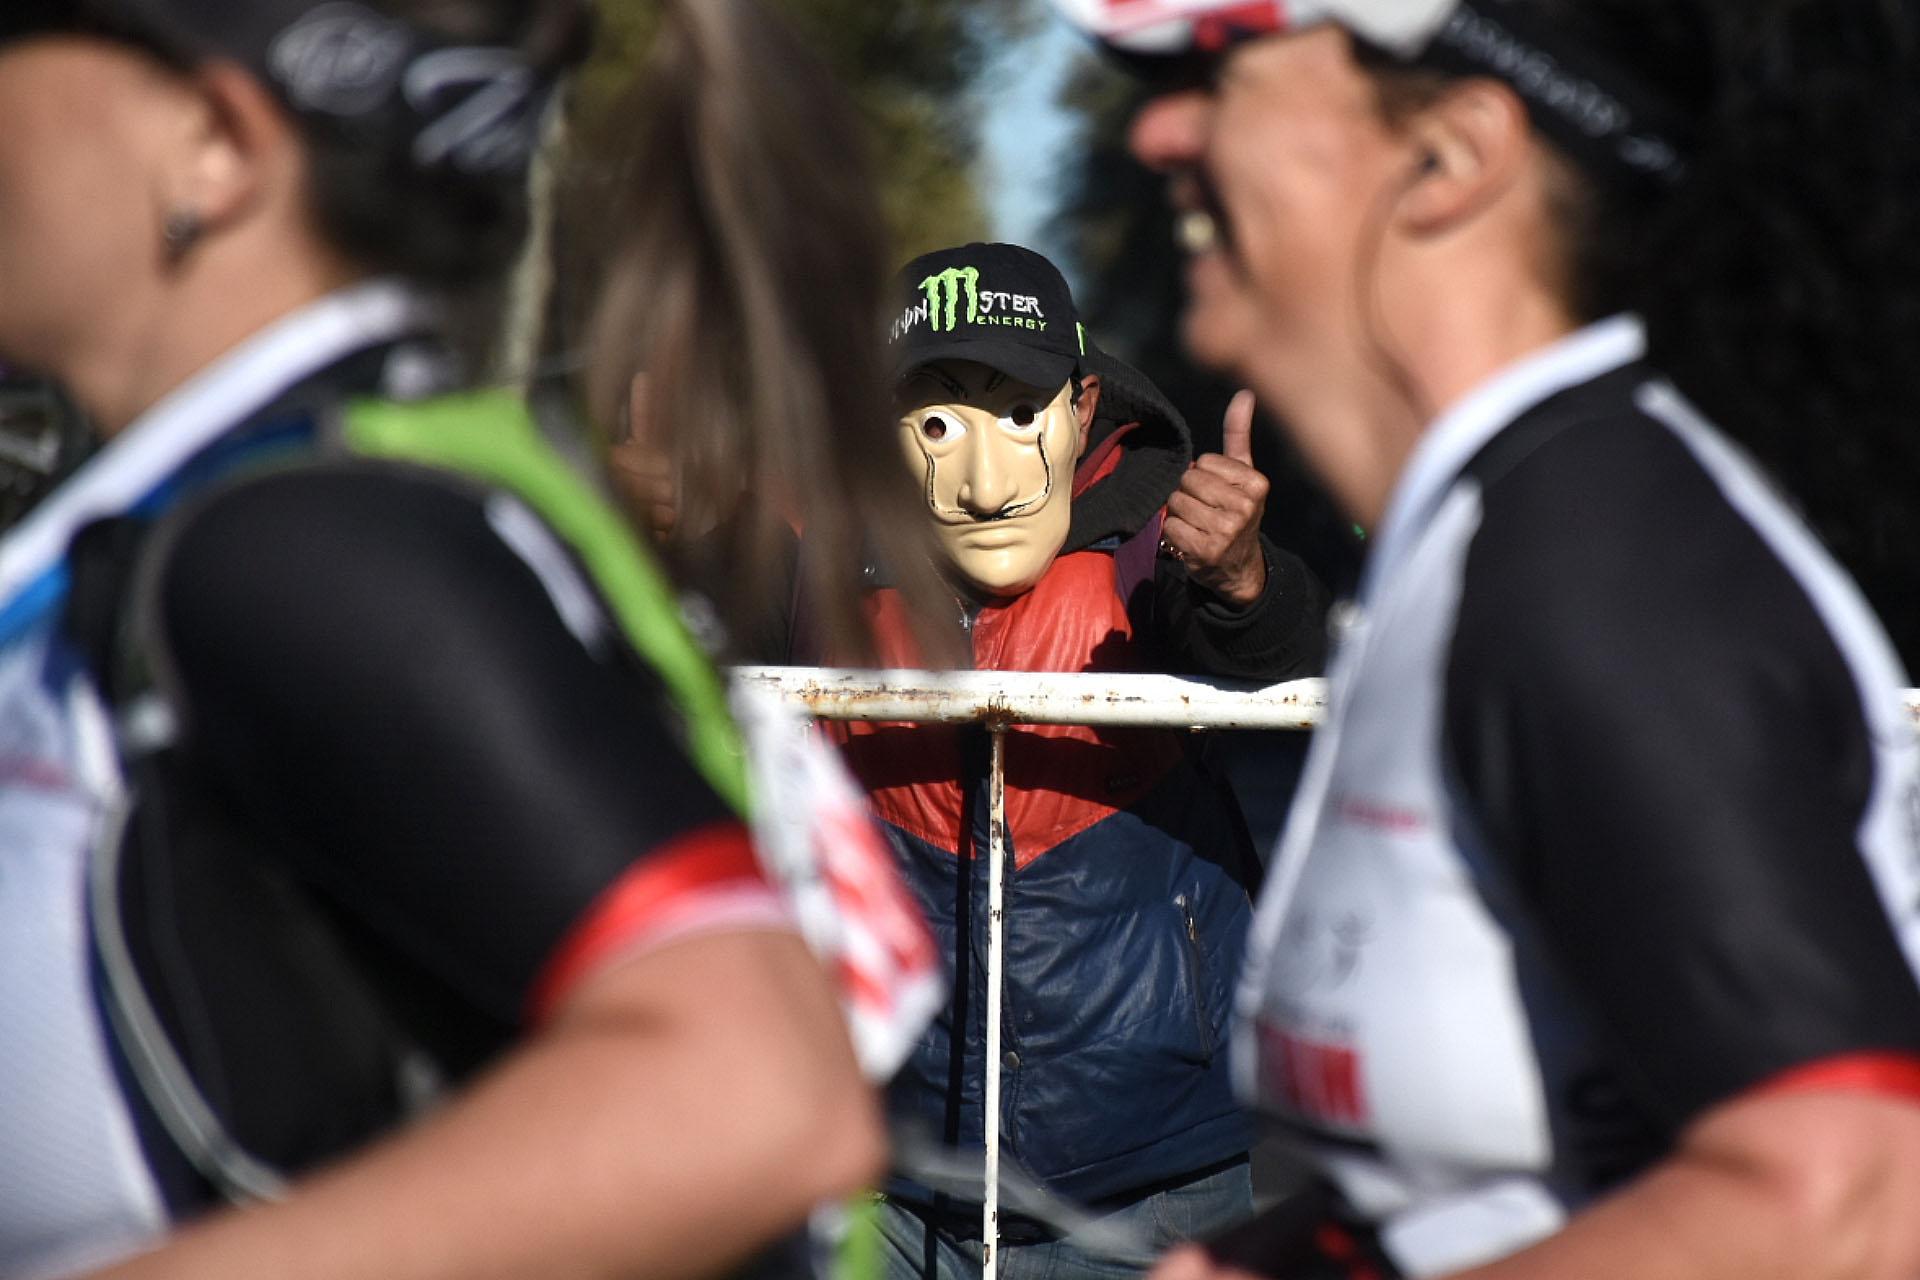 El simpatizante con su máscara, a uno de los lados de la valla